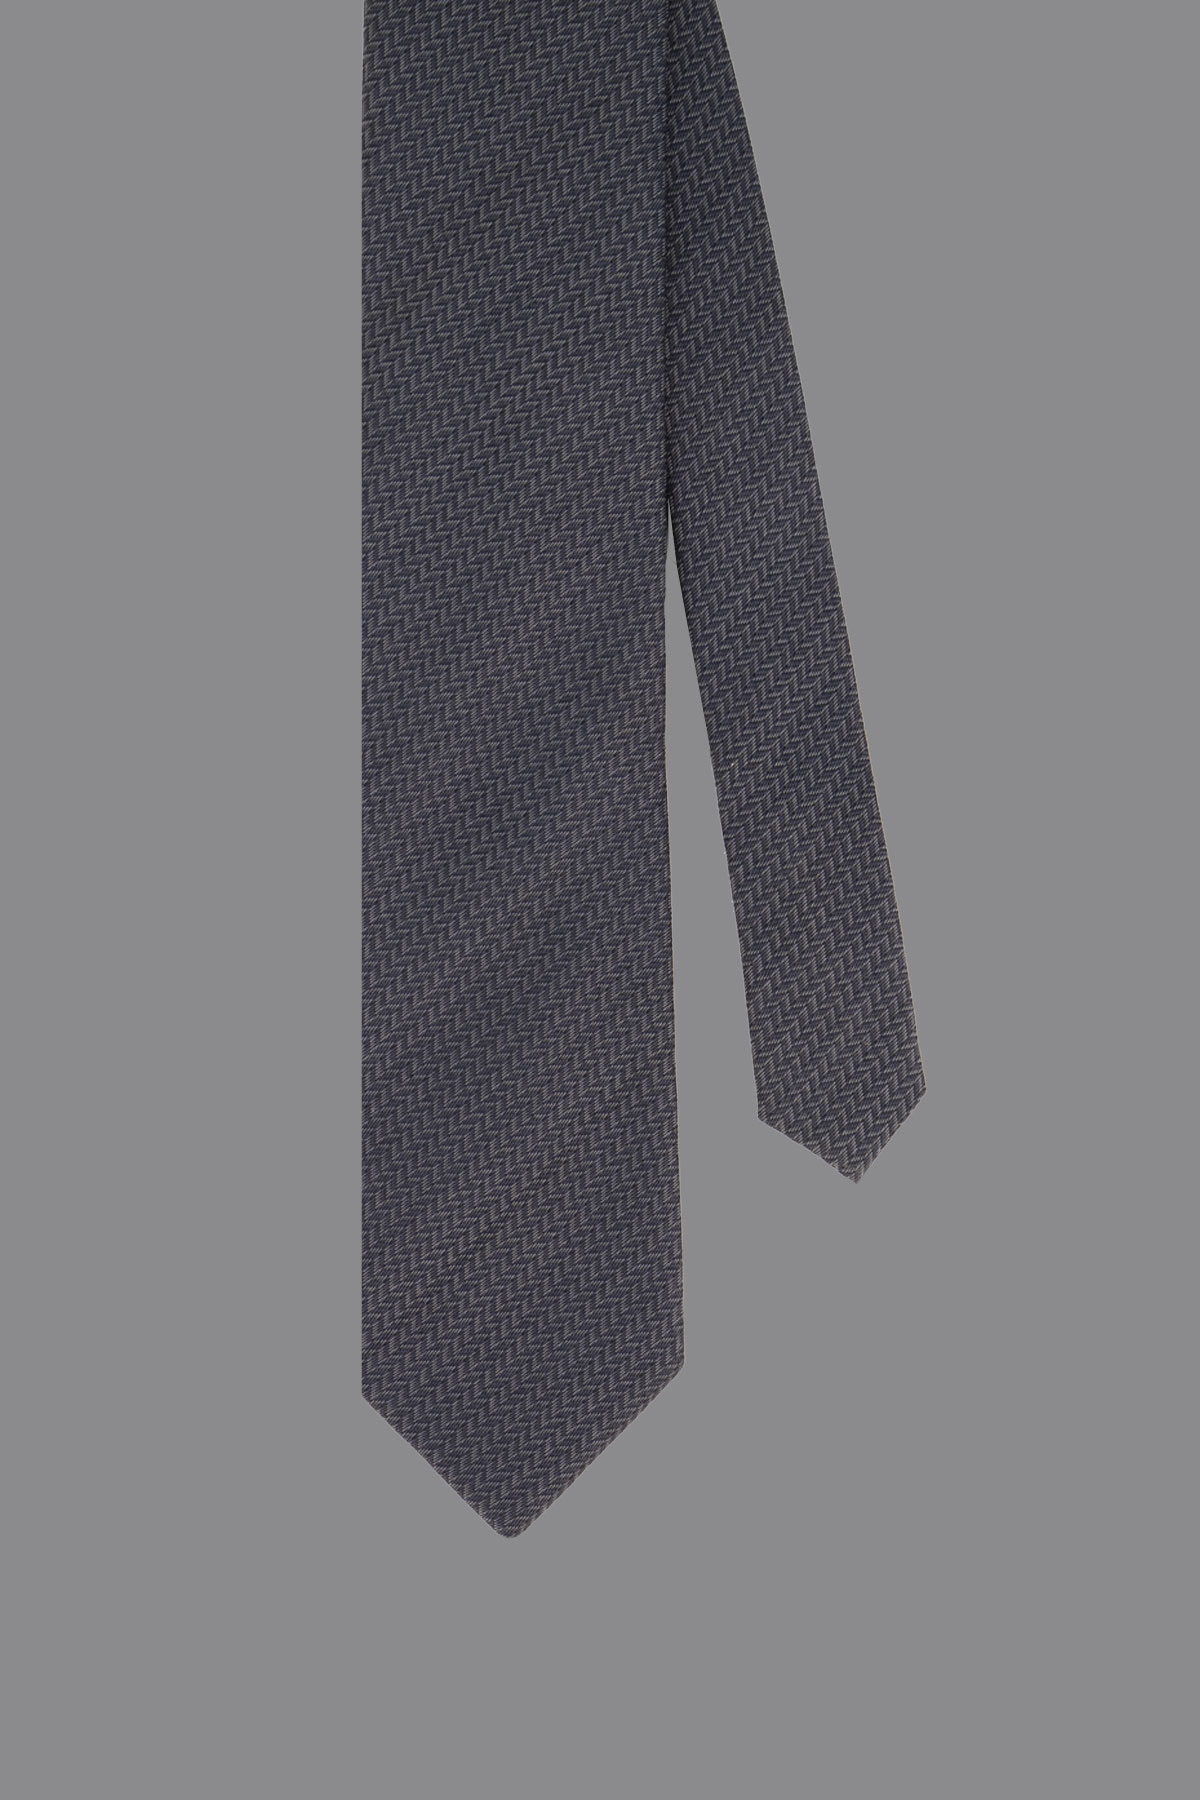 Corbata CALDERONI color Gris